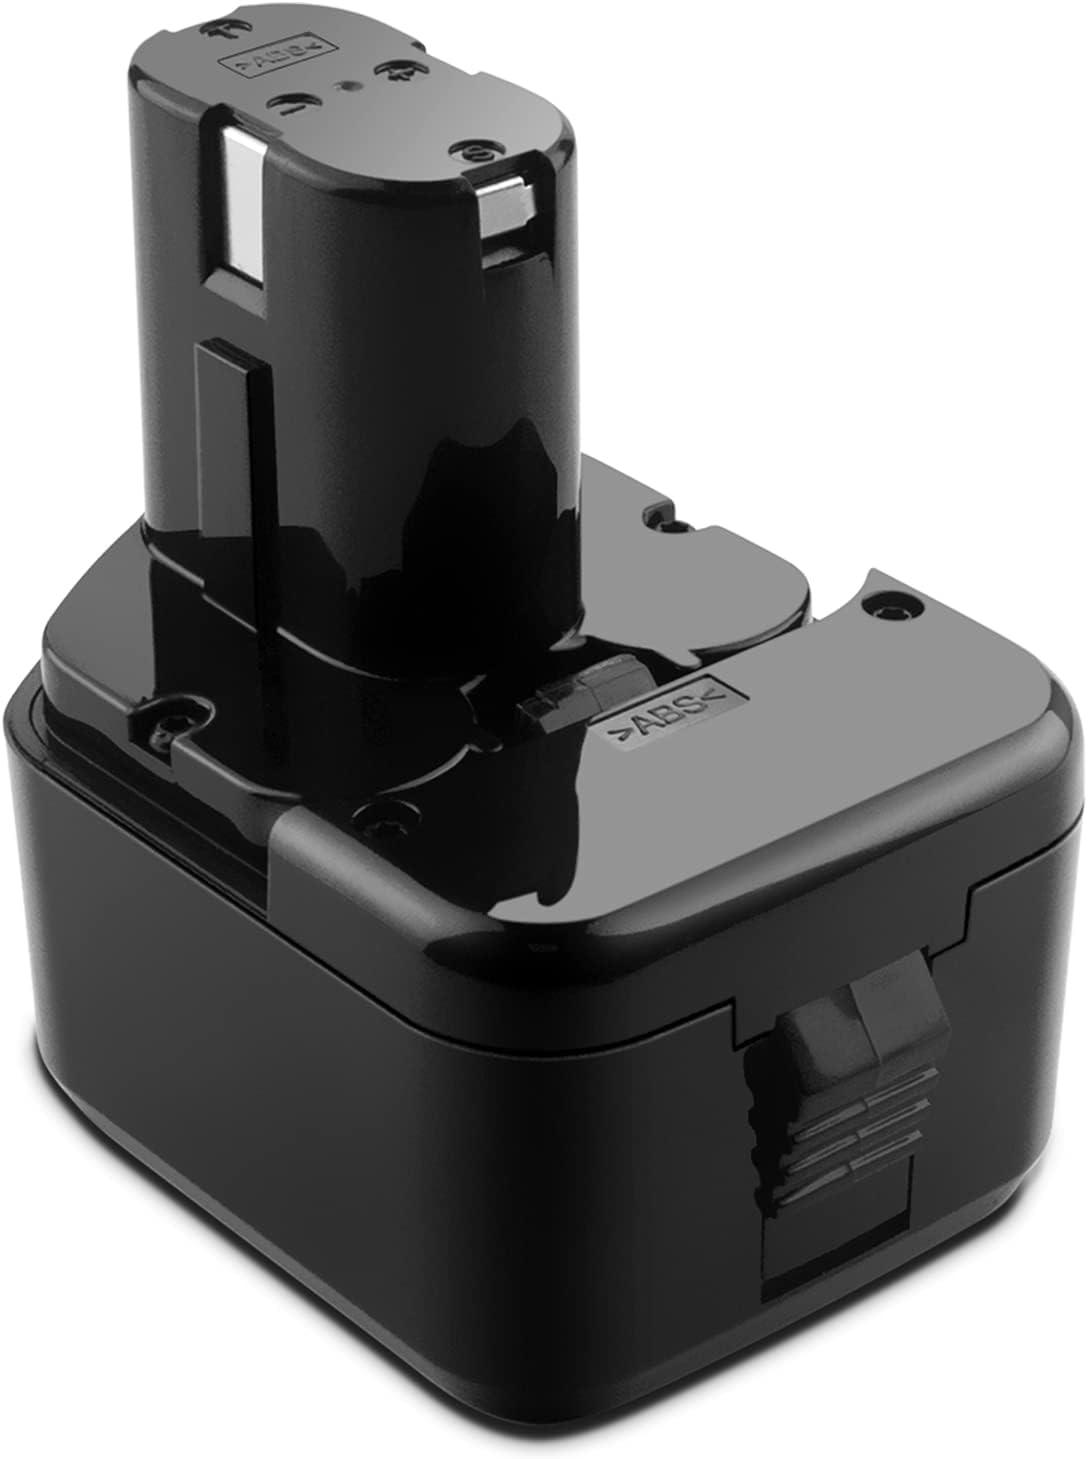 EICHXO 3,5Ah Ni-MH 12V EB1214S Batería de Repuesto para Hitachi 12V Batería EB1212S EB1212S EB1214L EB1220BL EB1220HL EB1220HS EB1220RS EB1222HL EB1226HL EB1230HL EB1230R para Hitachi Bateria